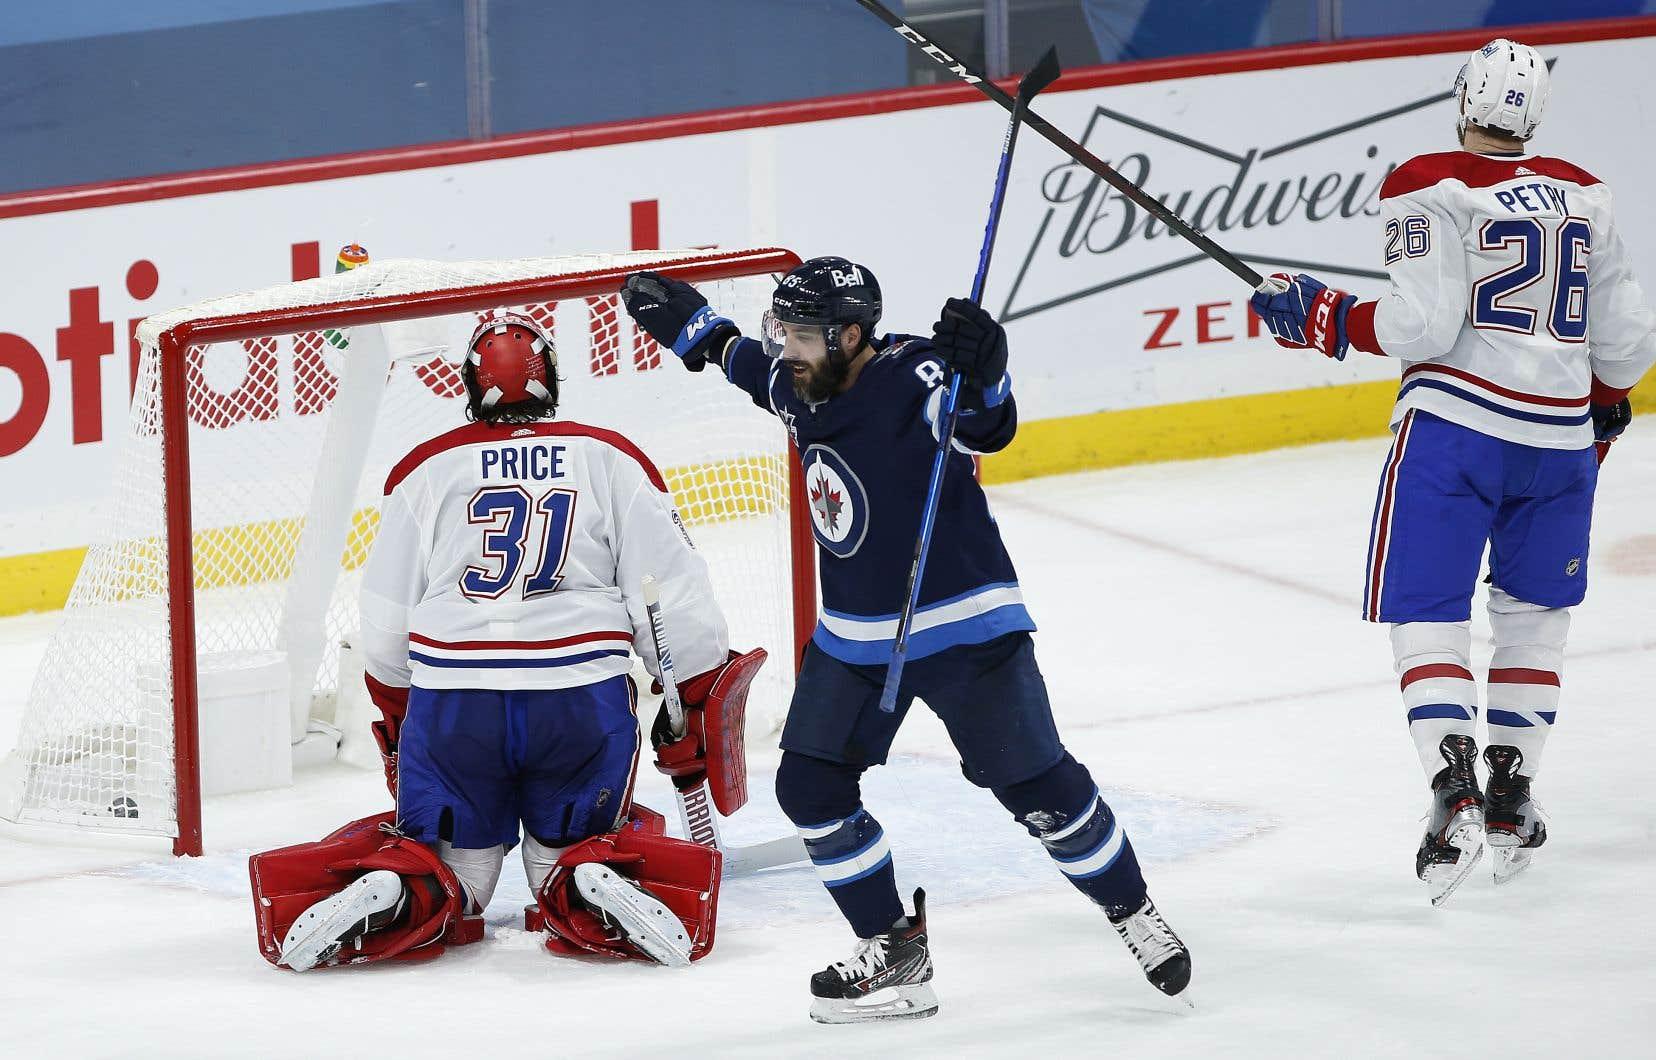 Dans la défaite de 6-3 face aux Jets de Winnipeg, jeudi, le gardien Carey Price a accordé cinq buts dans une même rencontre pour la quatrième fois de la campagne.